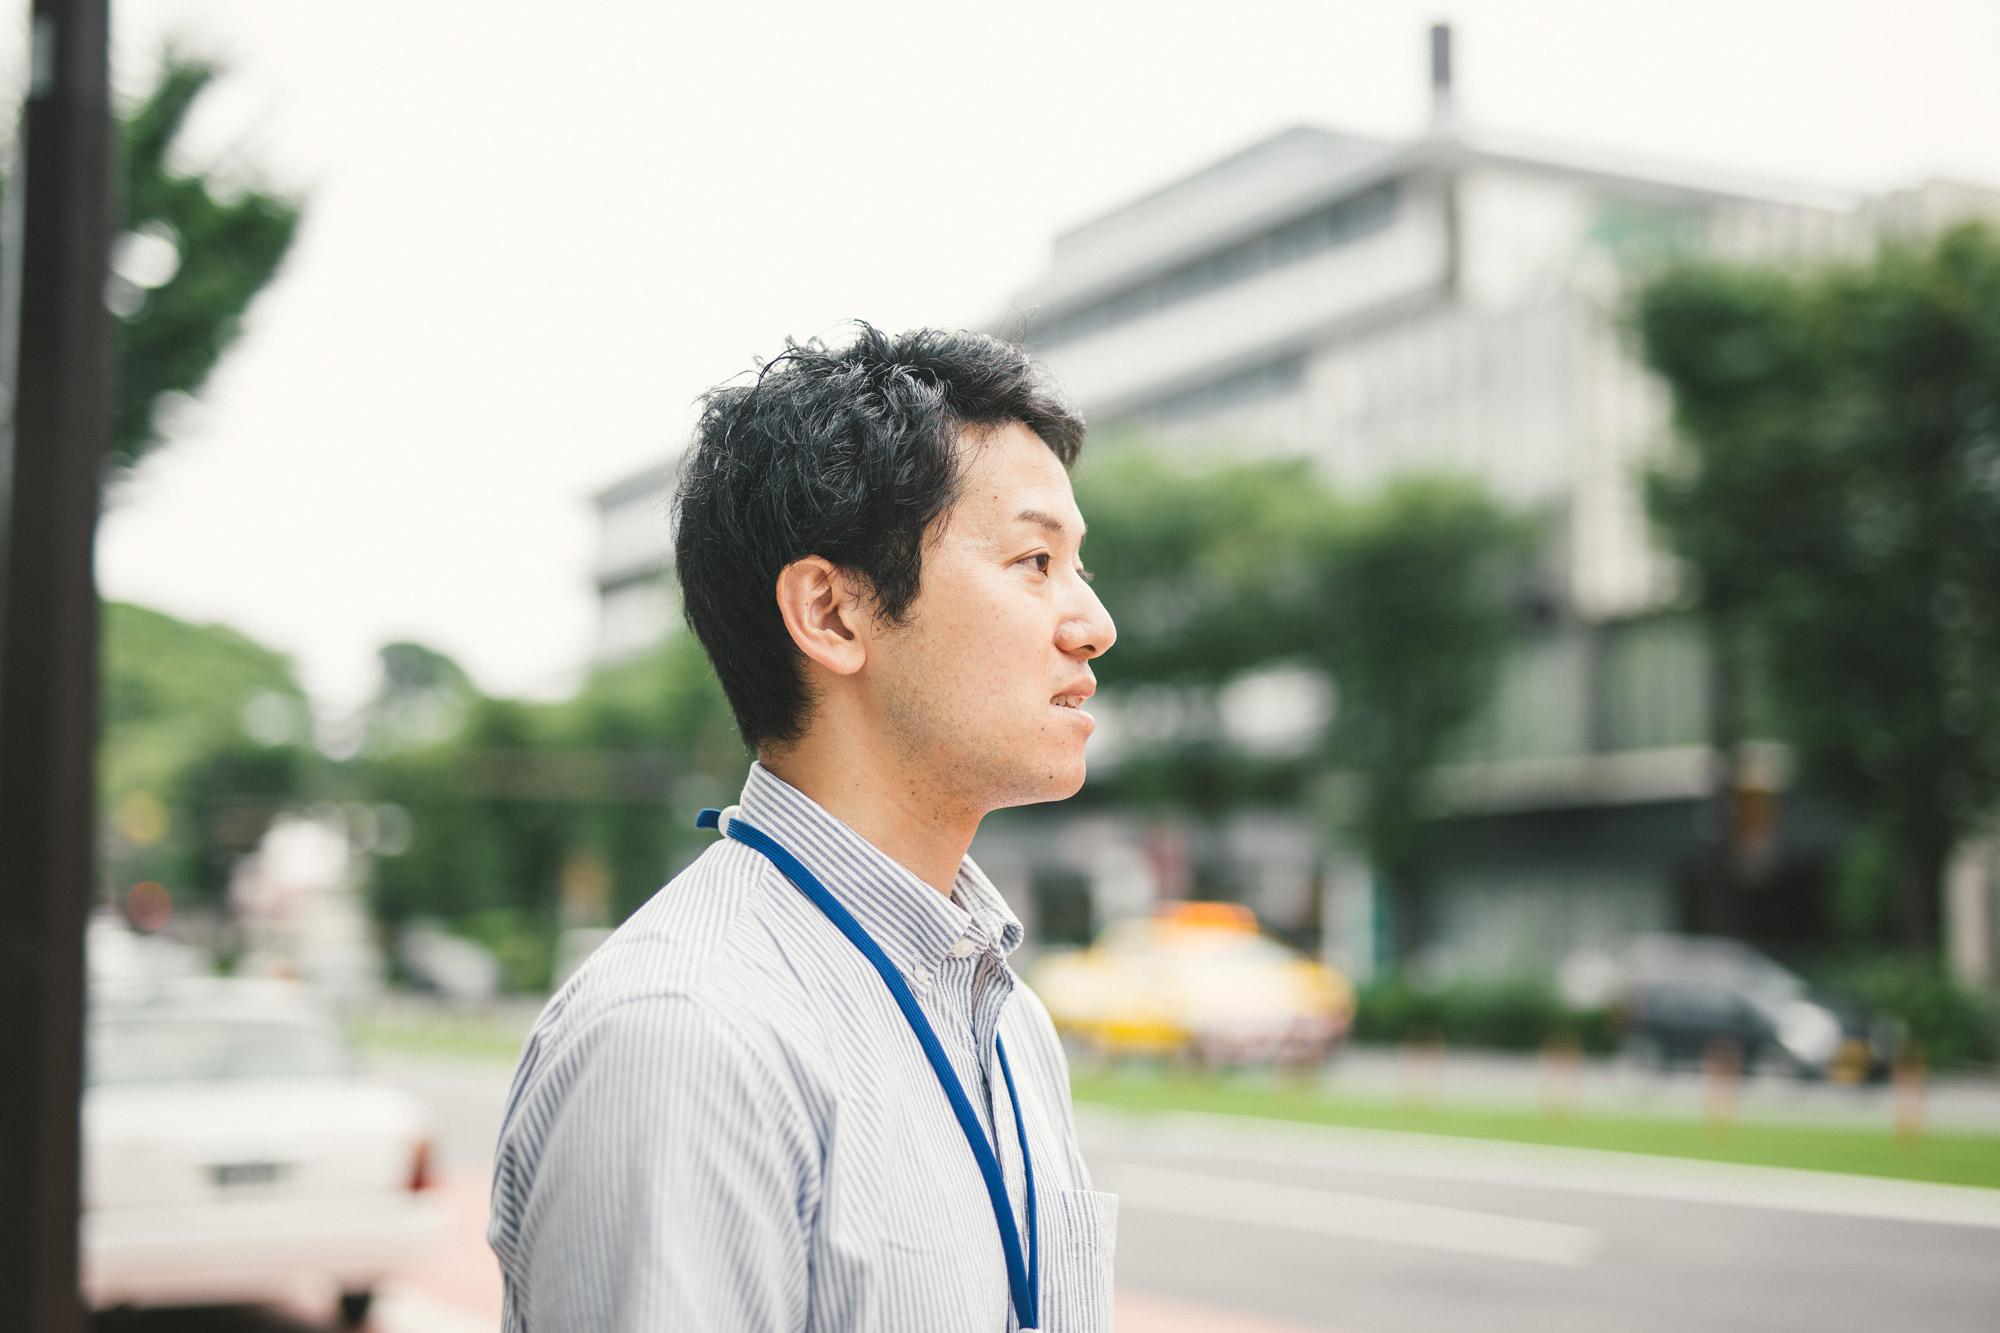 市街地で遠くを見つめる男性の横顔